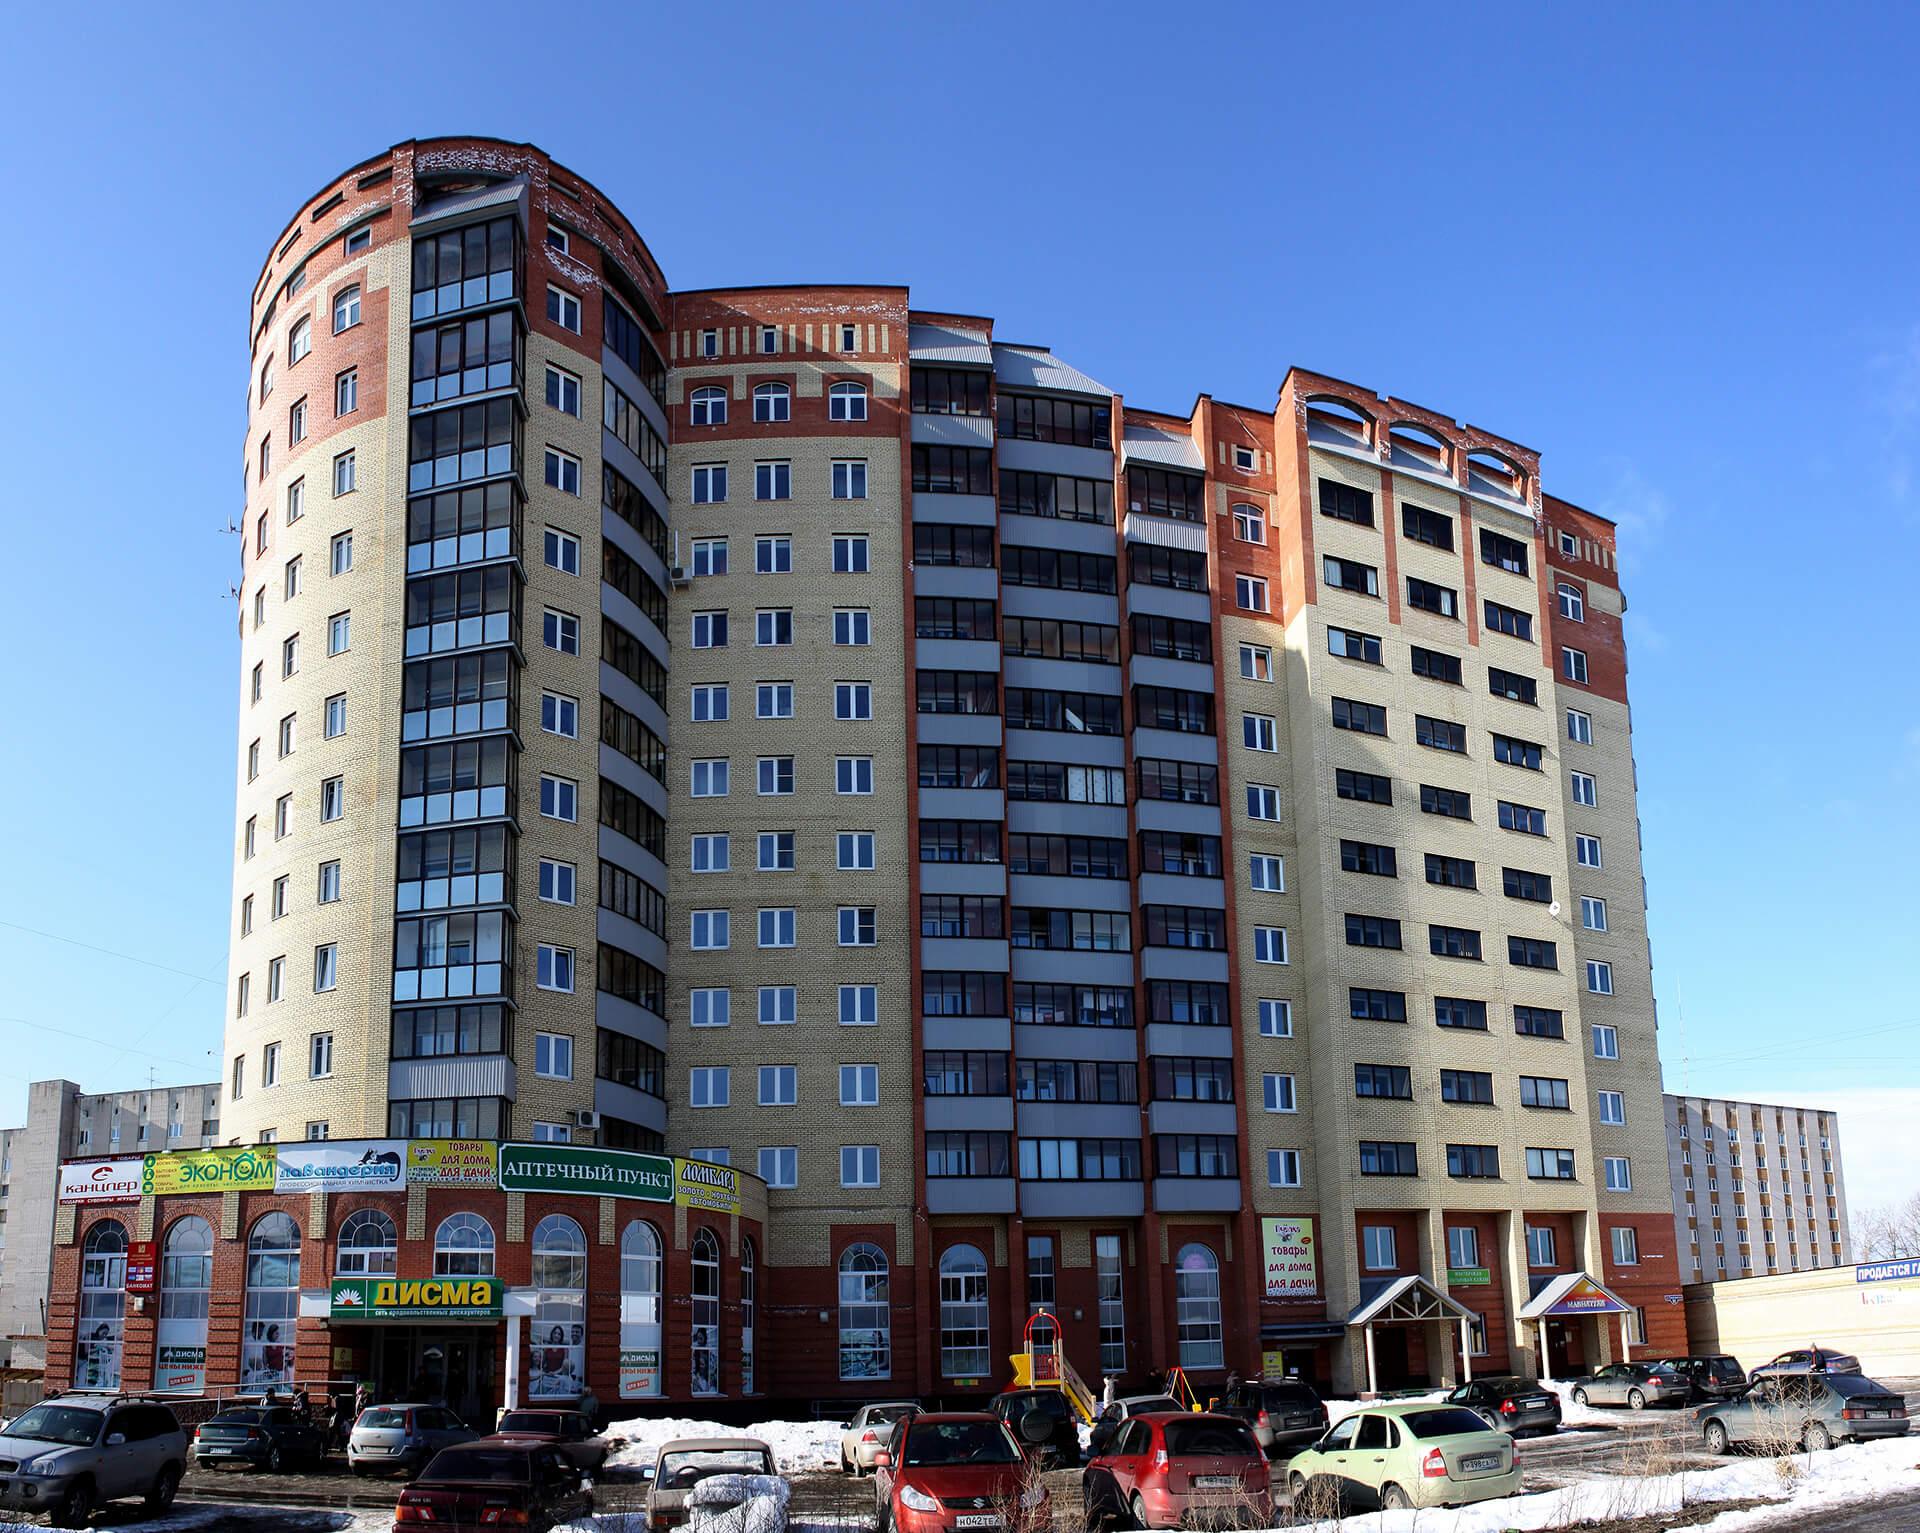 Жилой дом на ул.Северодвинская, 31